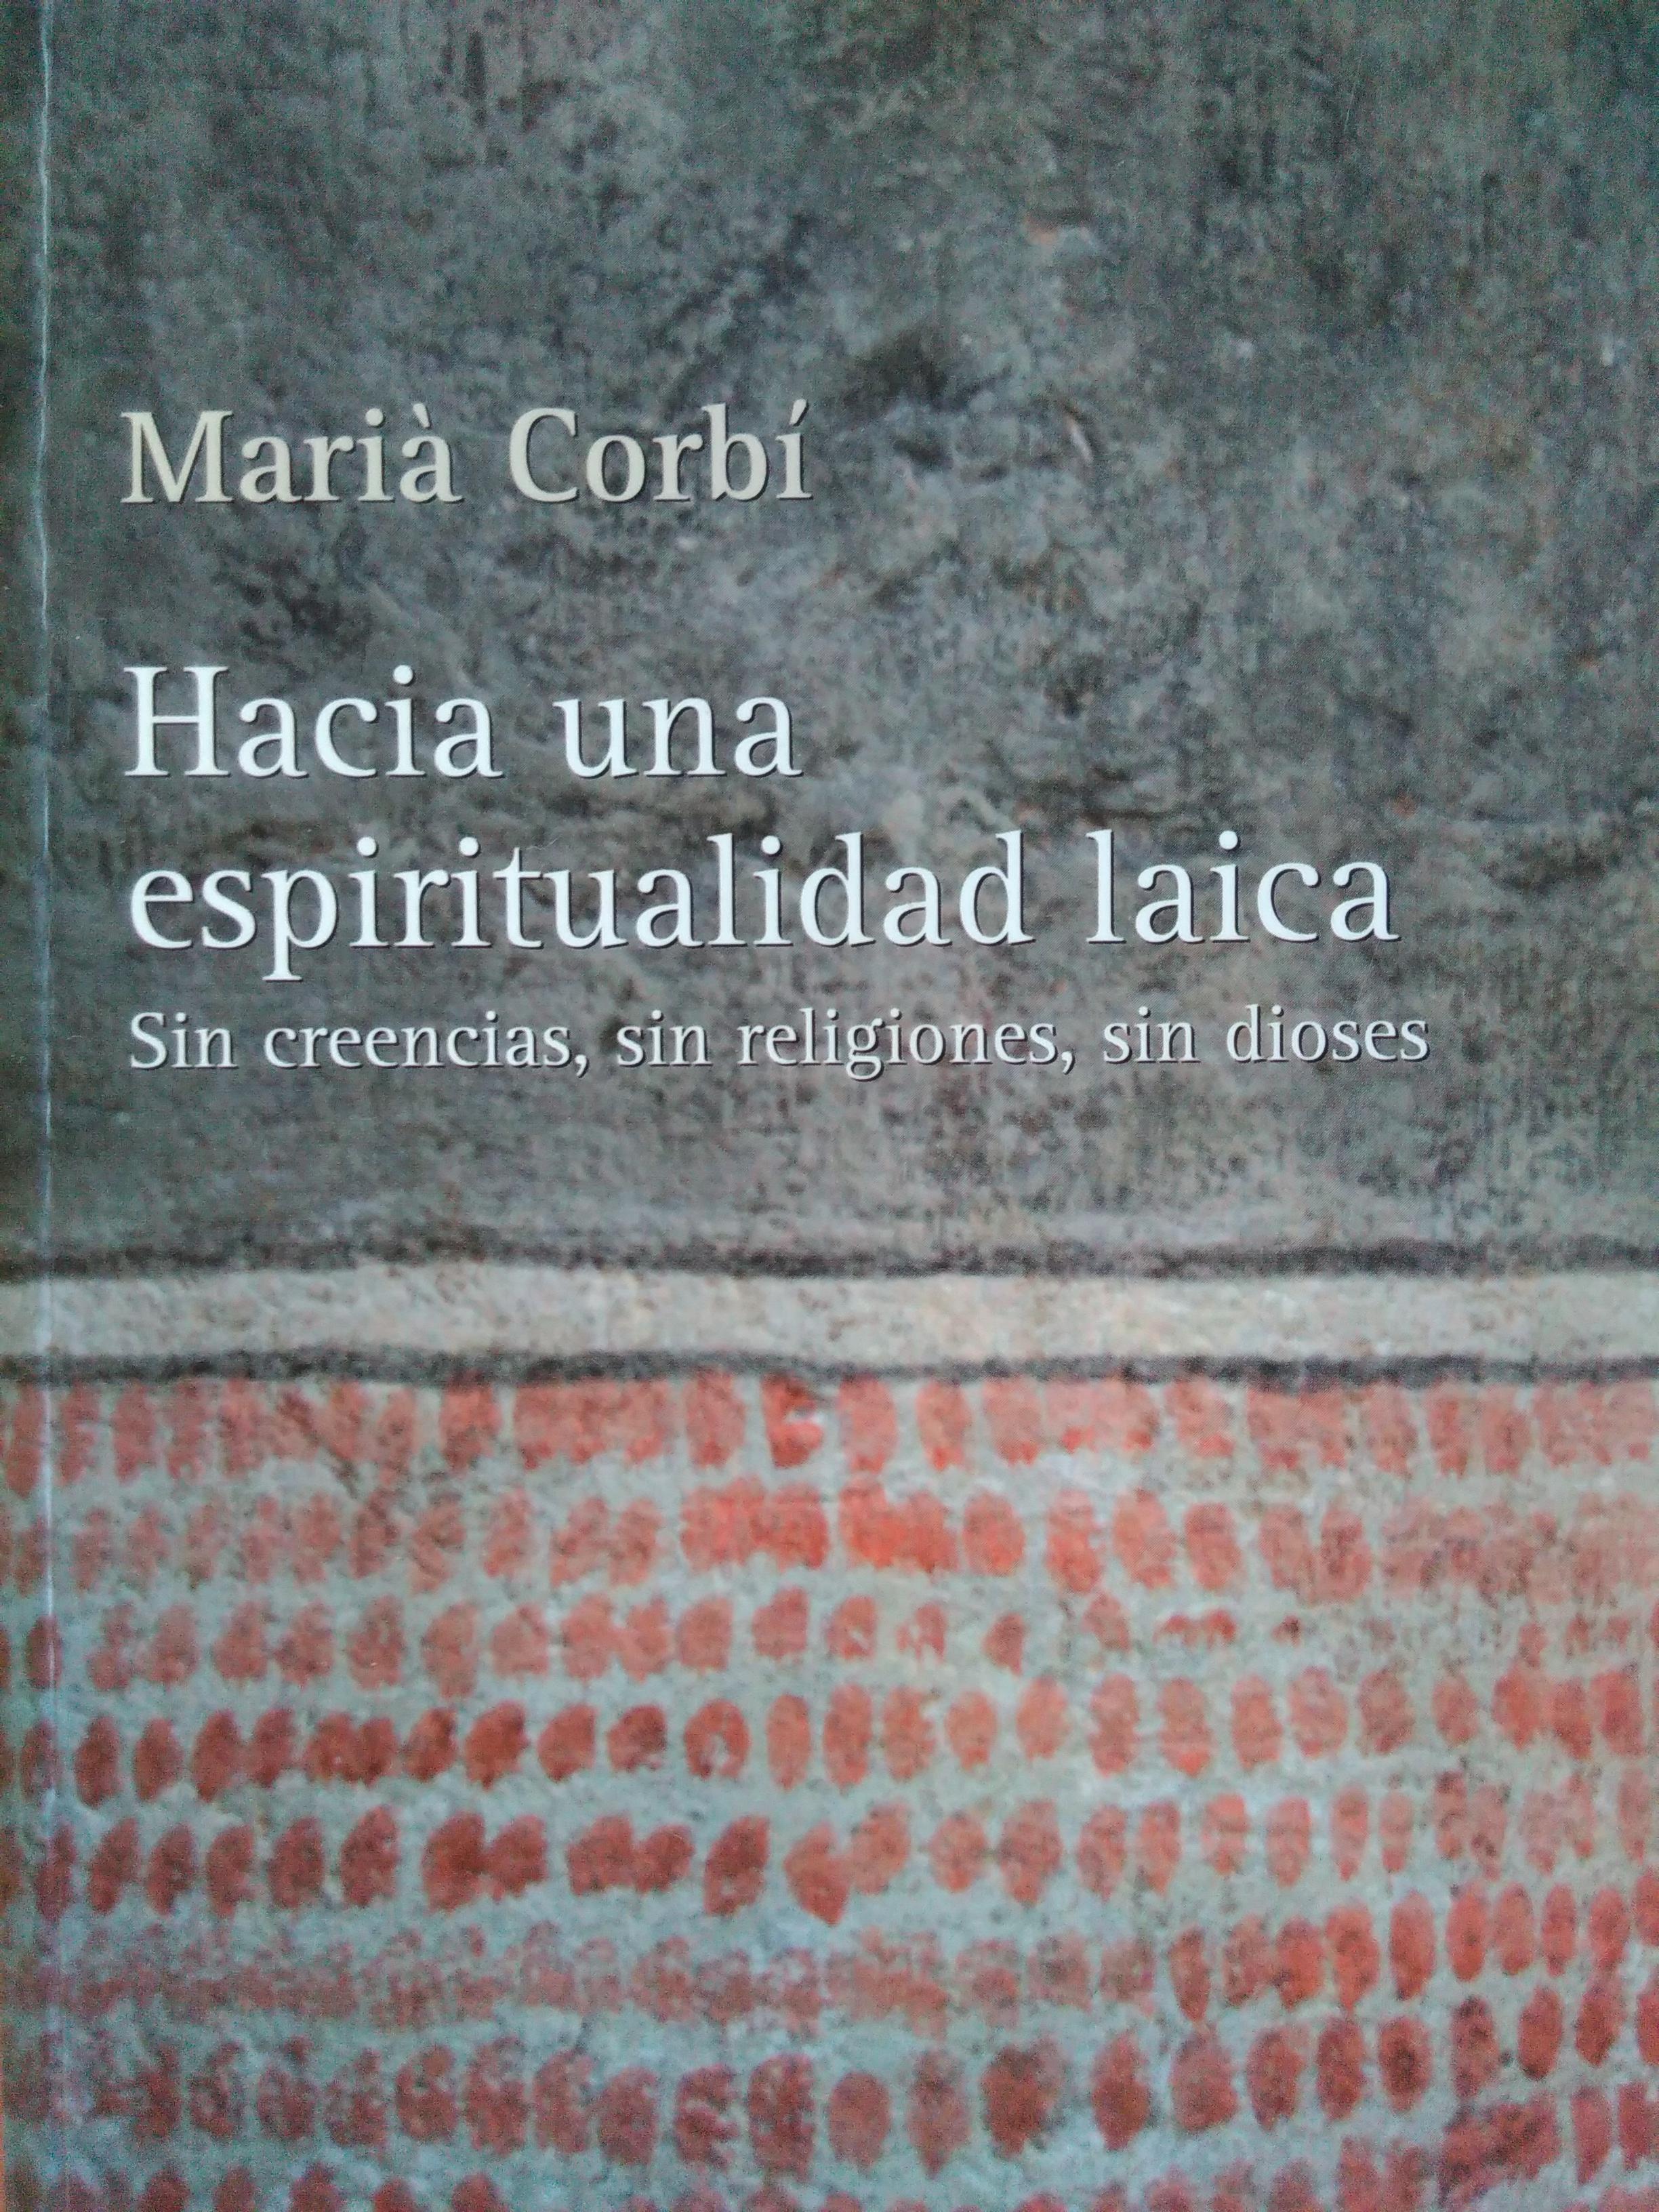 Hacia una espiritualidad laica. Sin creencias, sin religiones, sin dioses. Marià Corbí. 2007